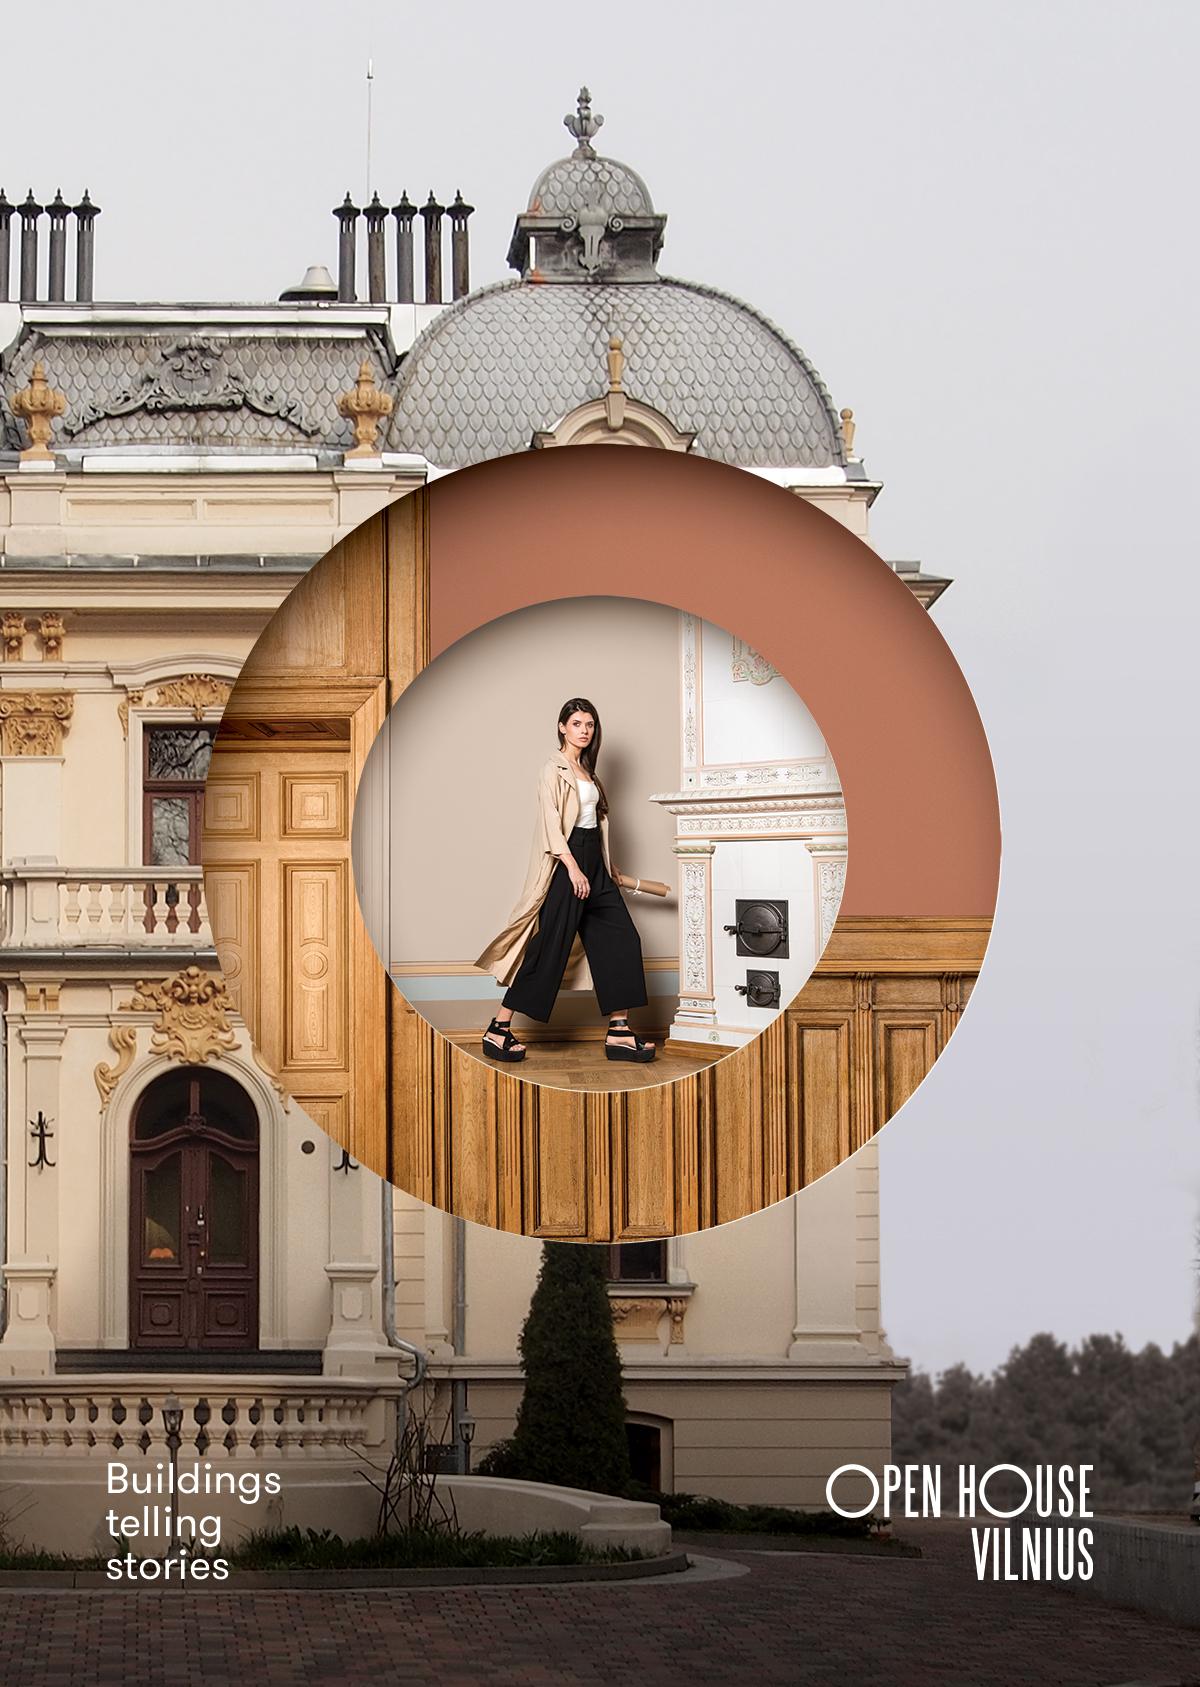 open house vilnius 39 16 on inspirationde. Black Bedroom Furniture Sets. Home Design Ideas